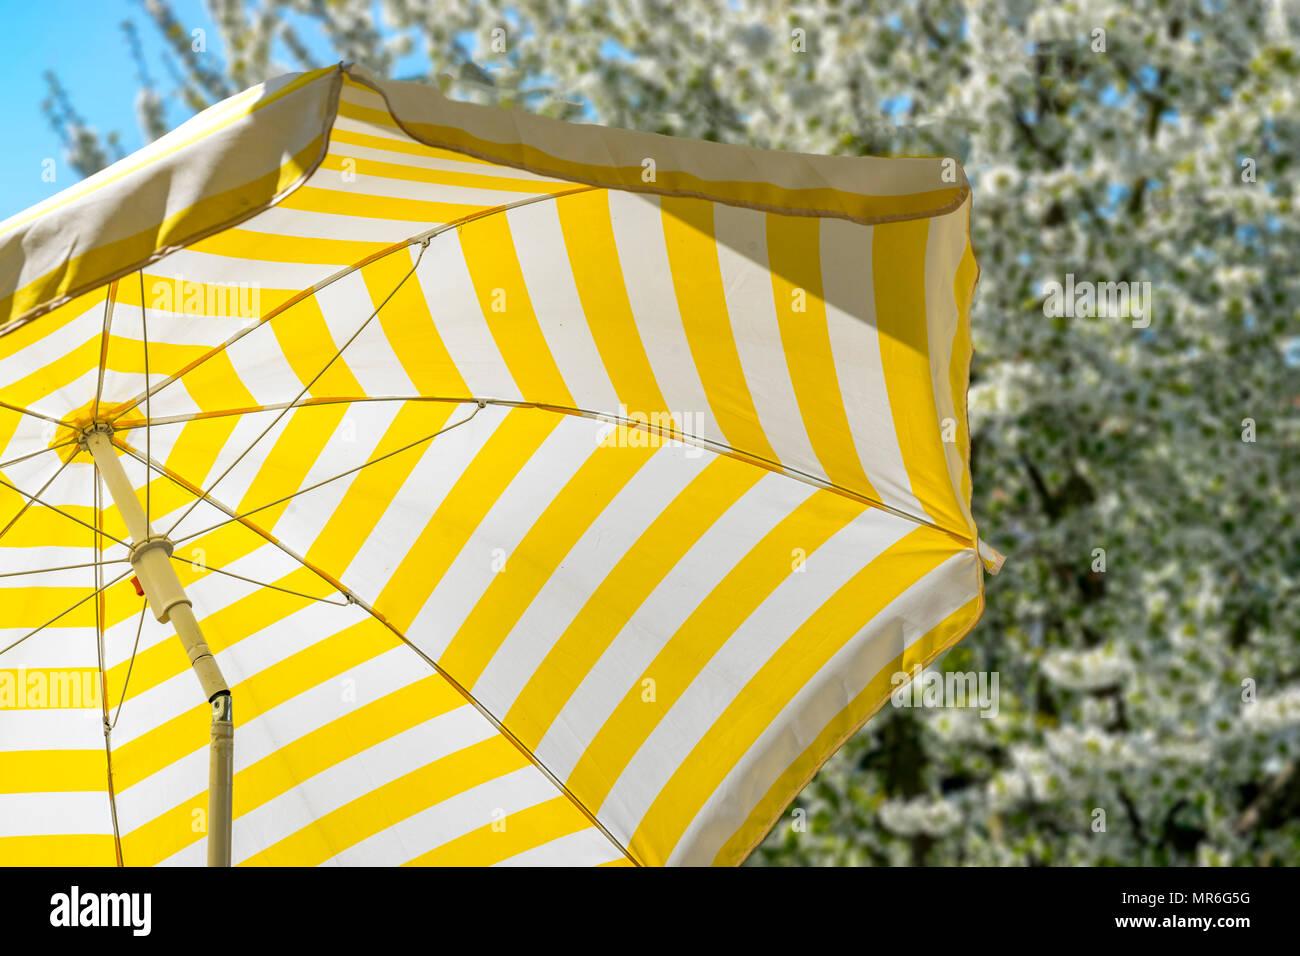 Carta Da Parati Fiori Di Ciliegio : Giallo e bianco striato parasol davanti ad un pieno fiore di